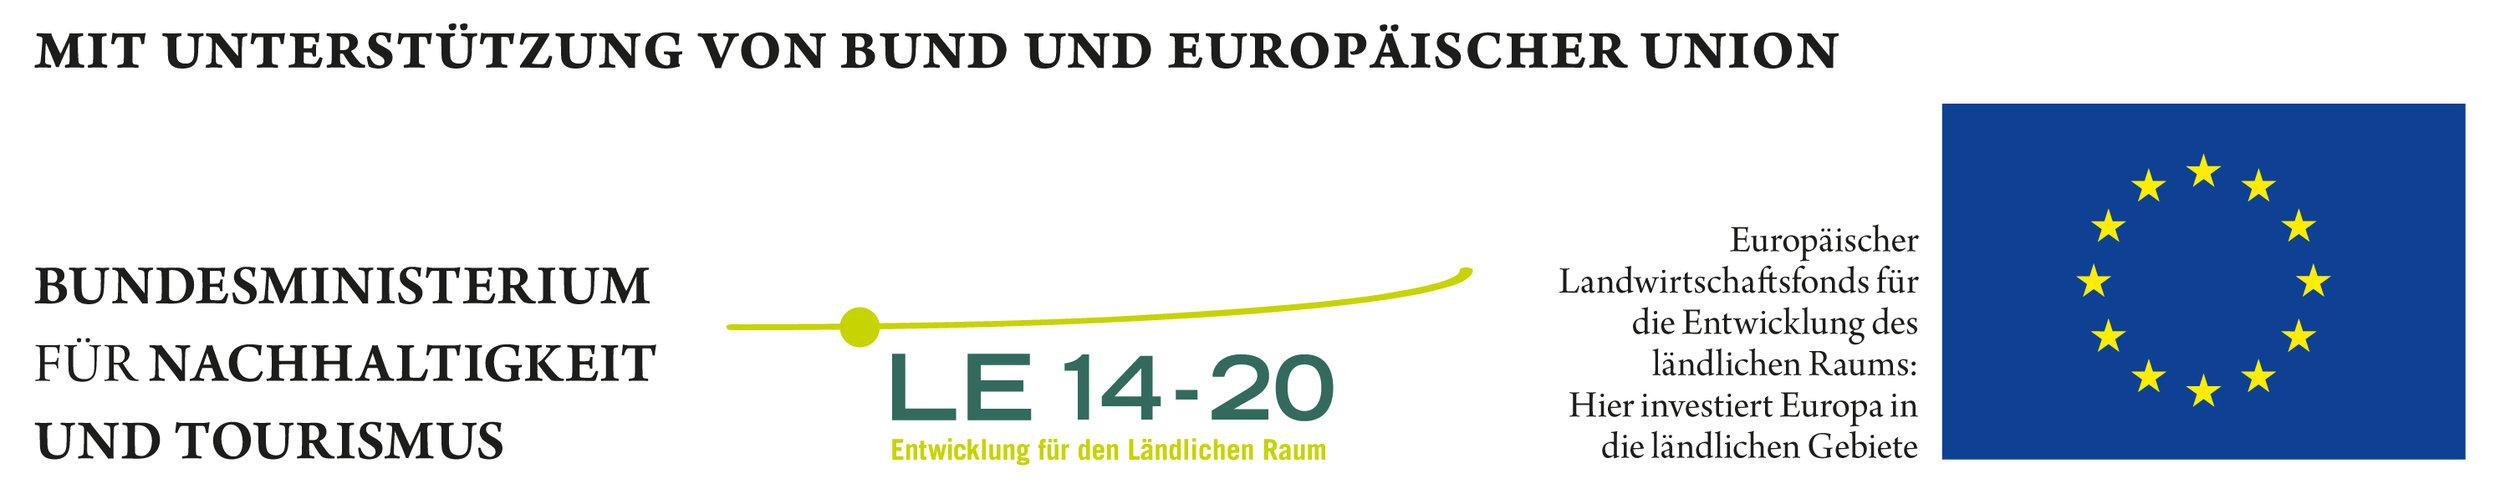 BMNT_Bund_EU.jpg